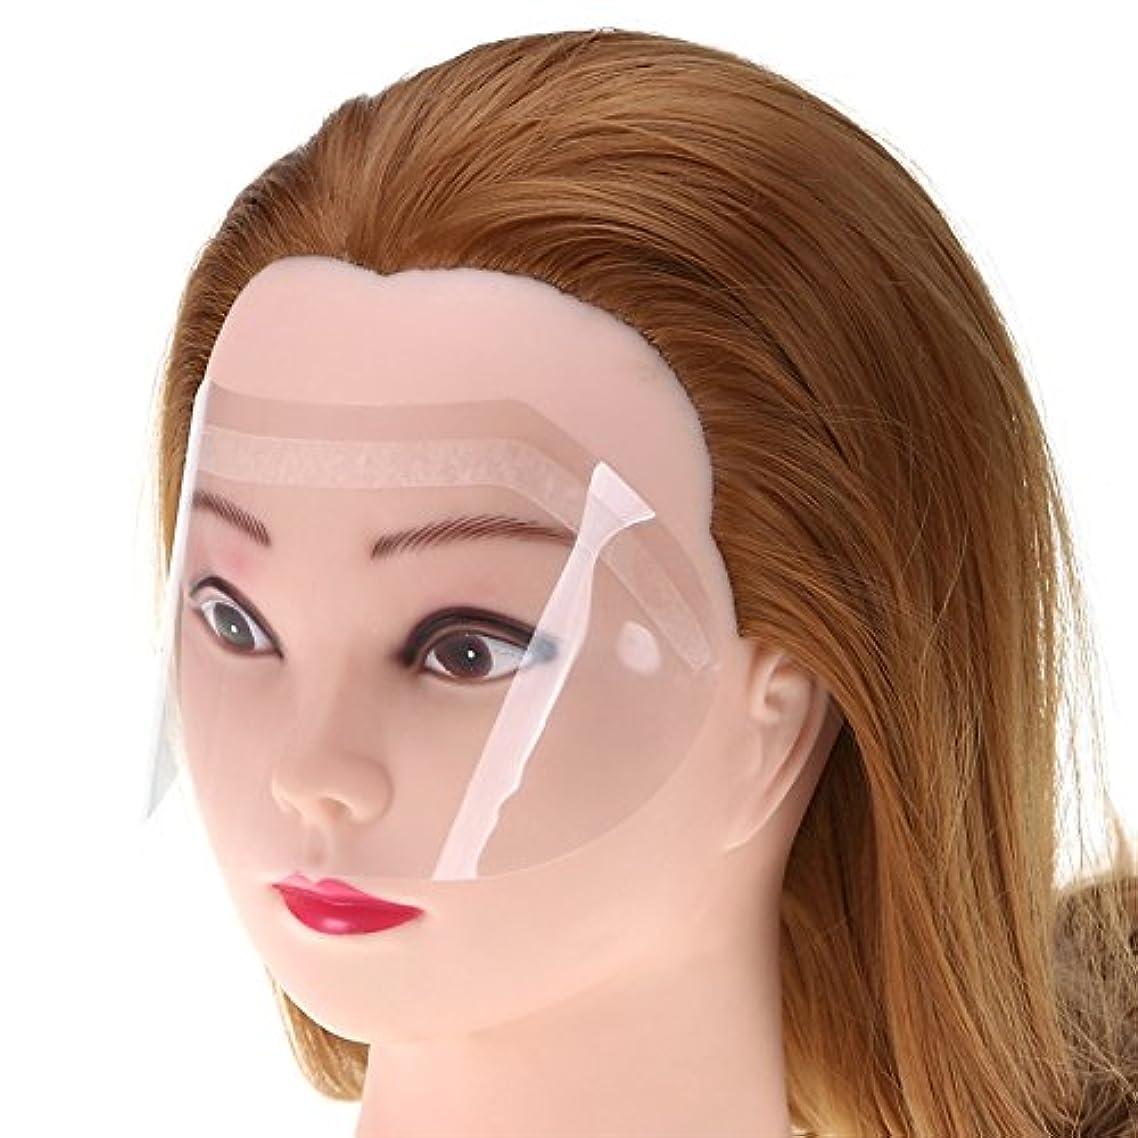 オープナー悩み高さ50ピース/パック熱い販売サロンヘアアクセサリーヘアアイプロテクターヘアフェイスカバーほこりを避けプロサロンツール